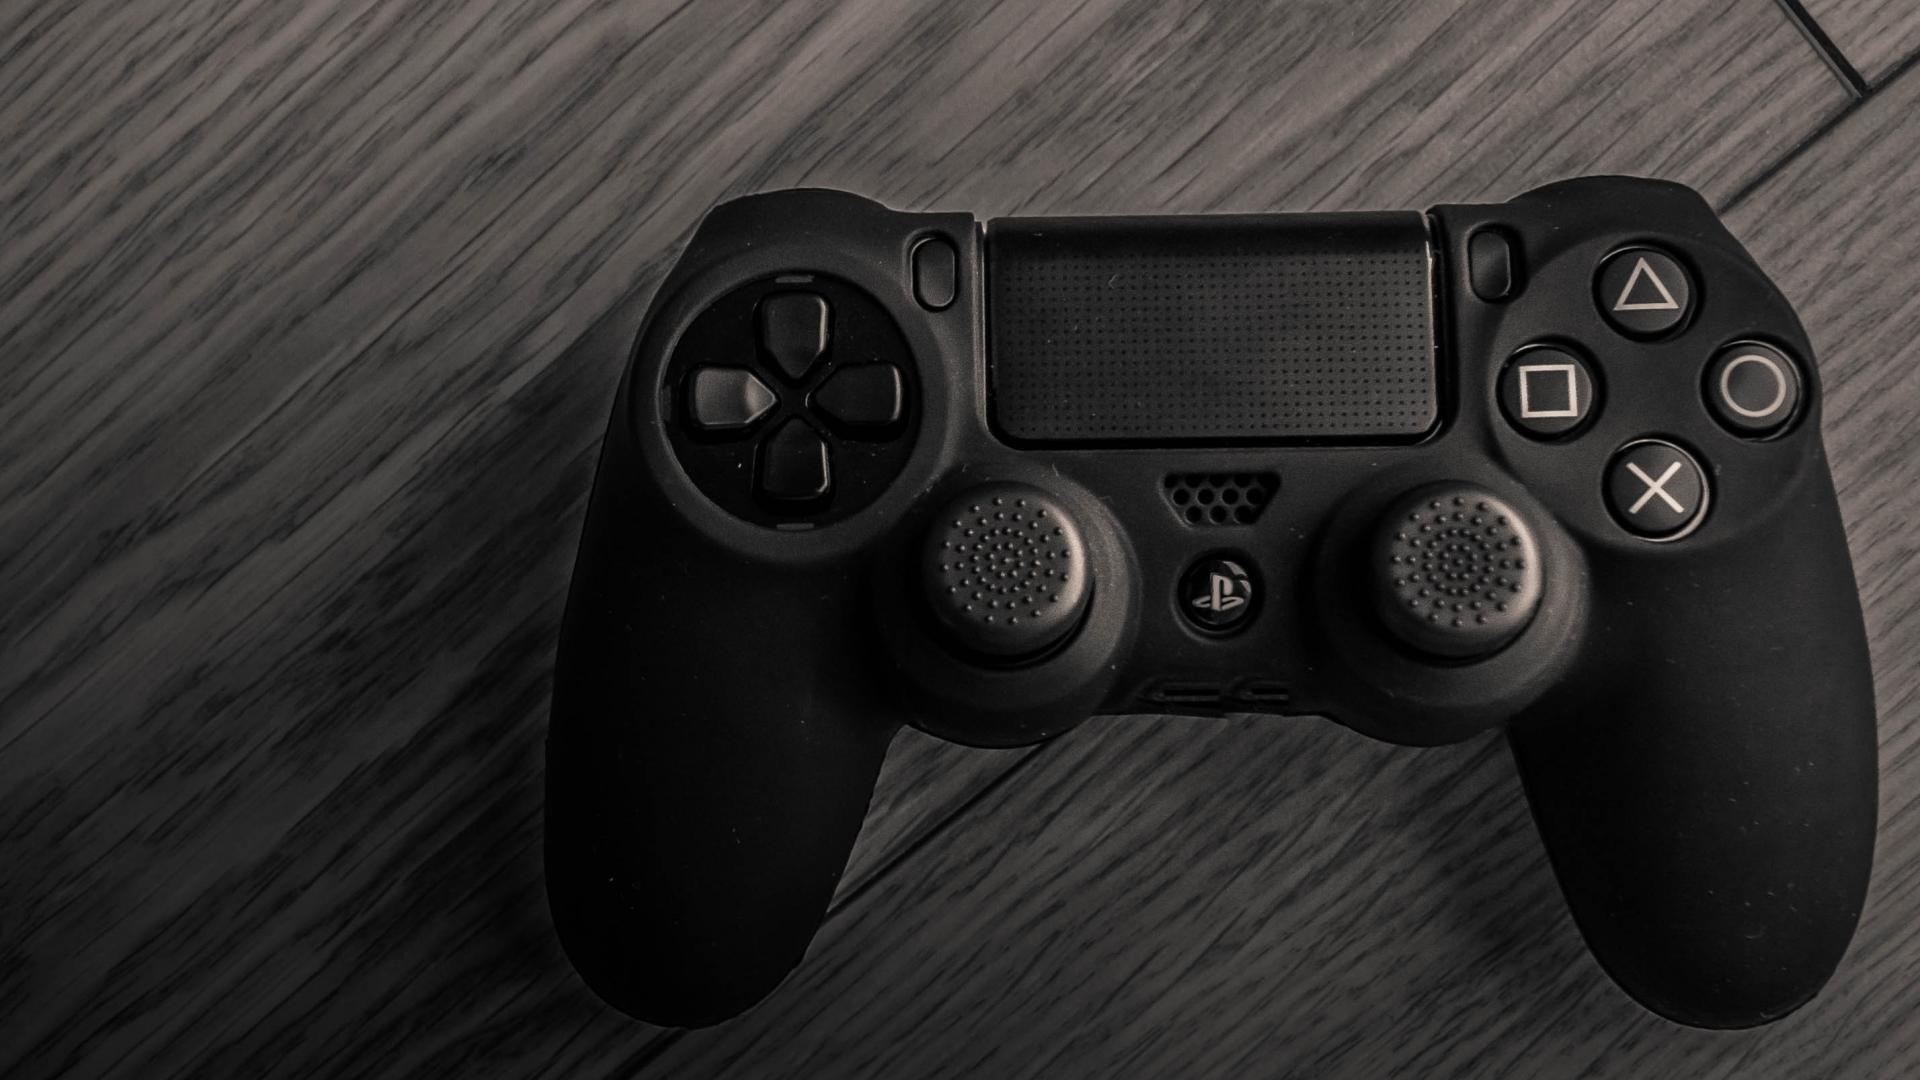 Anunciados Los Juegos De Playstation Plus Para Diciembre 2018 Rebelcry